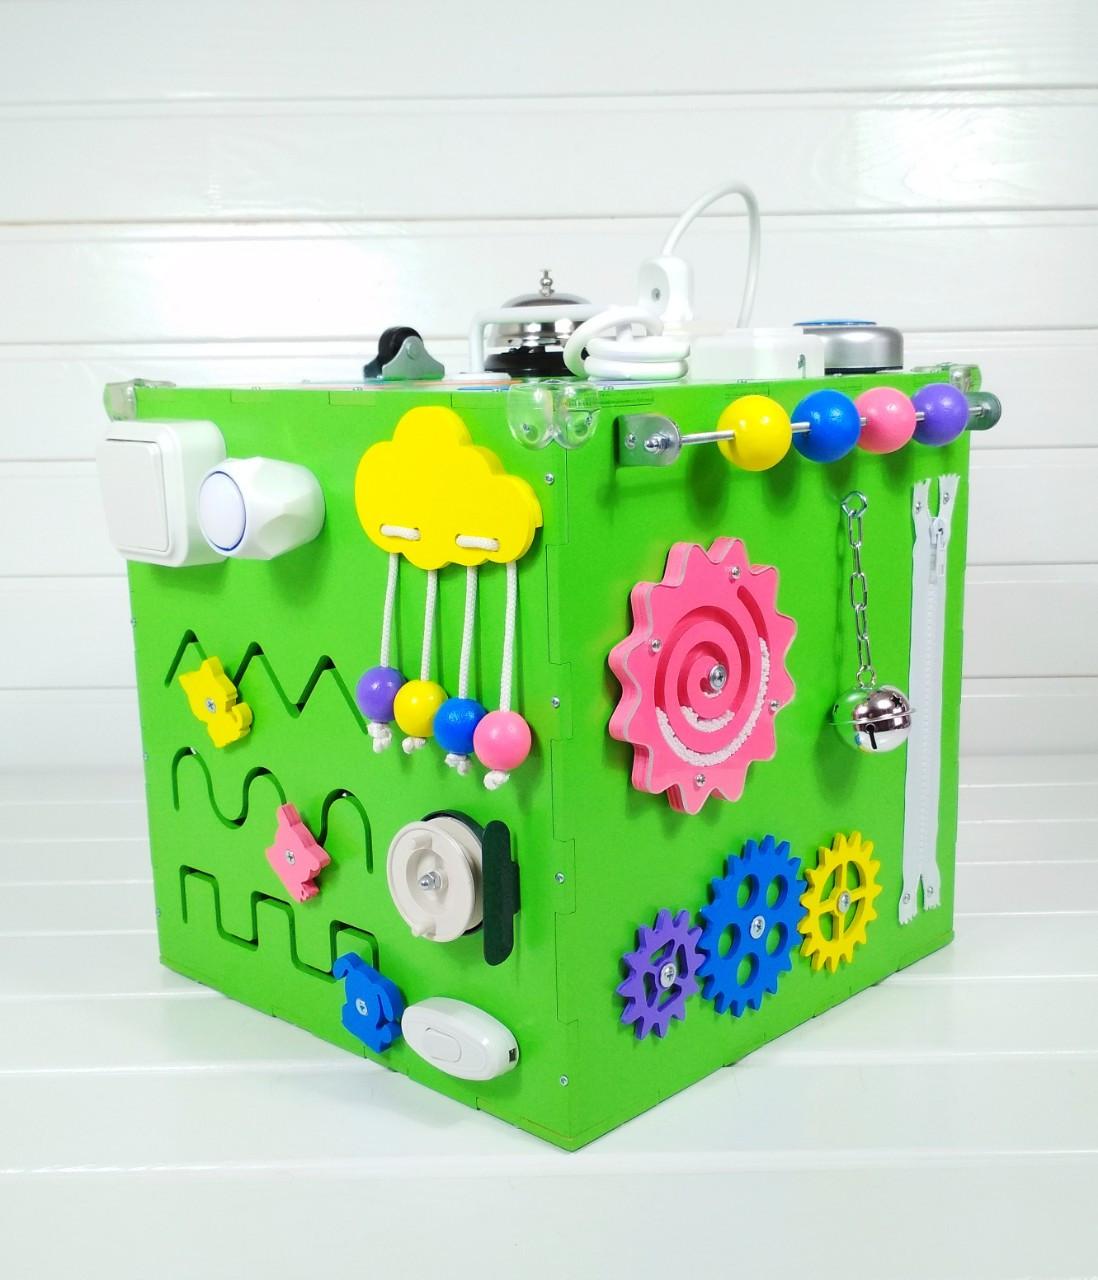 Развивающая игрушка бизикуб Busy Cube Tornado Зеленая